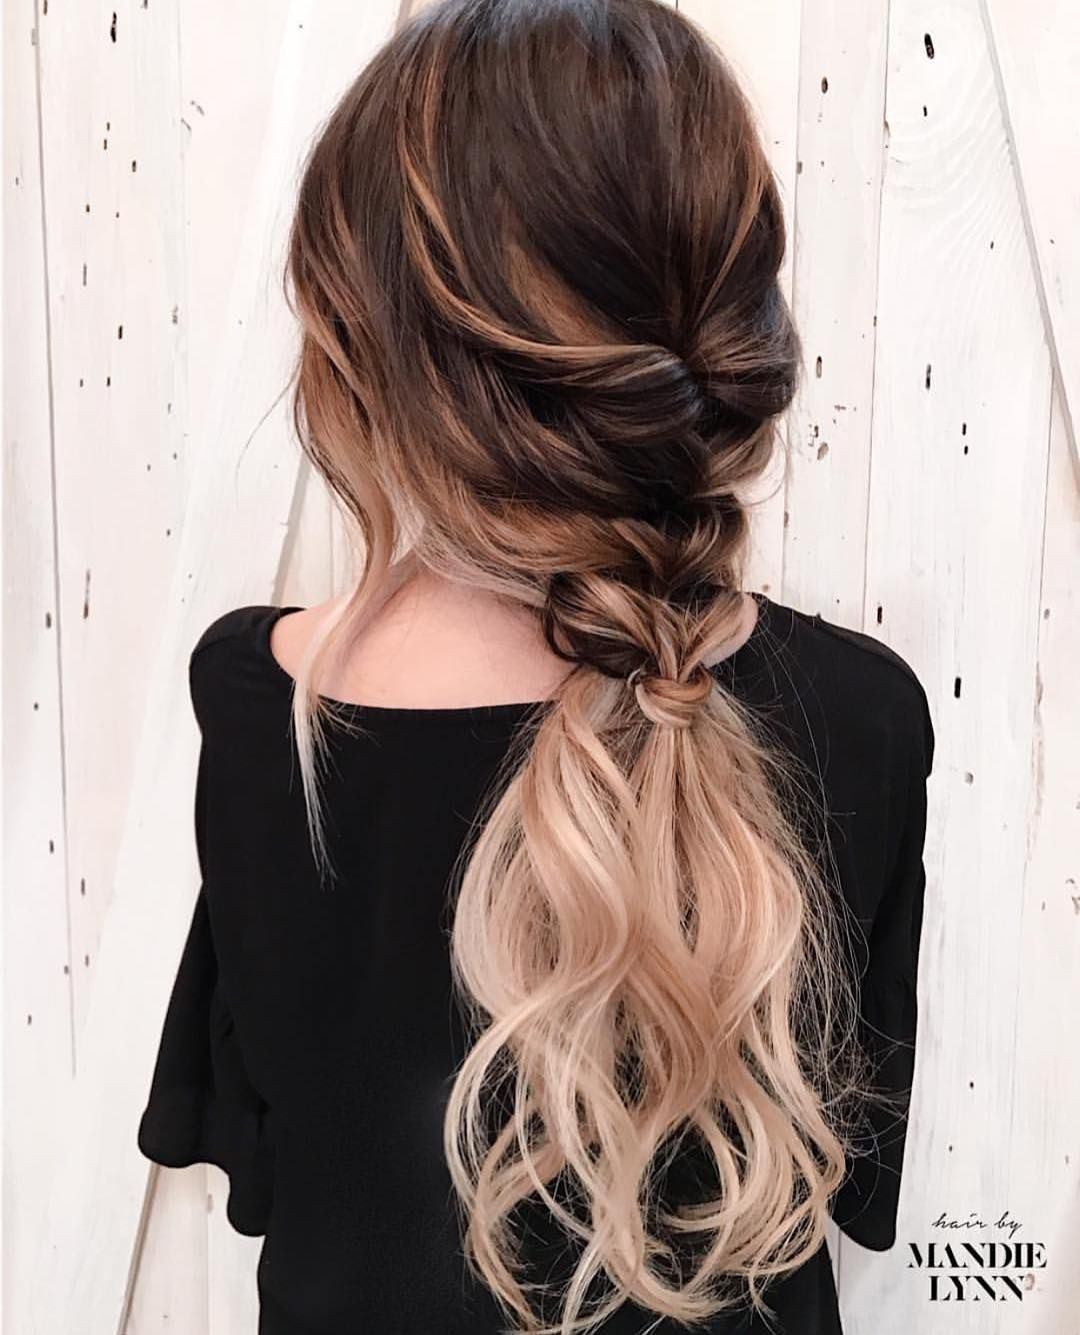 10 trendige Pferdeschwanz Frisuren für lange Haare - einfache Pferdeschwänze - Frisuren Modelle #ponytailhairstyles